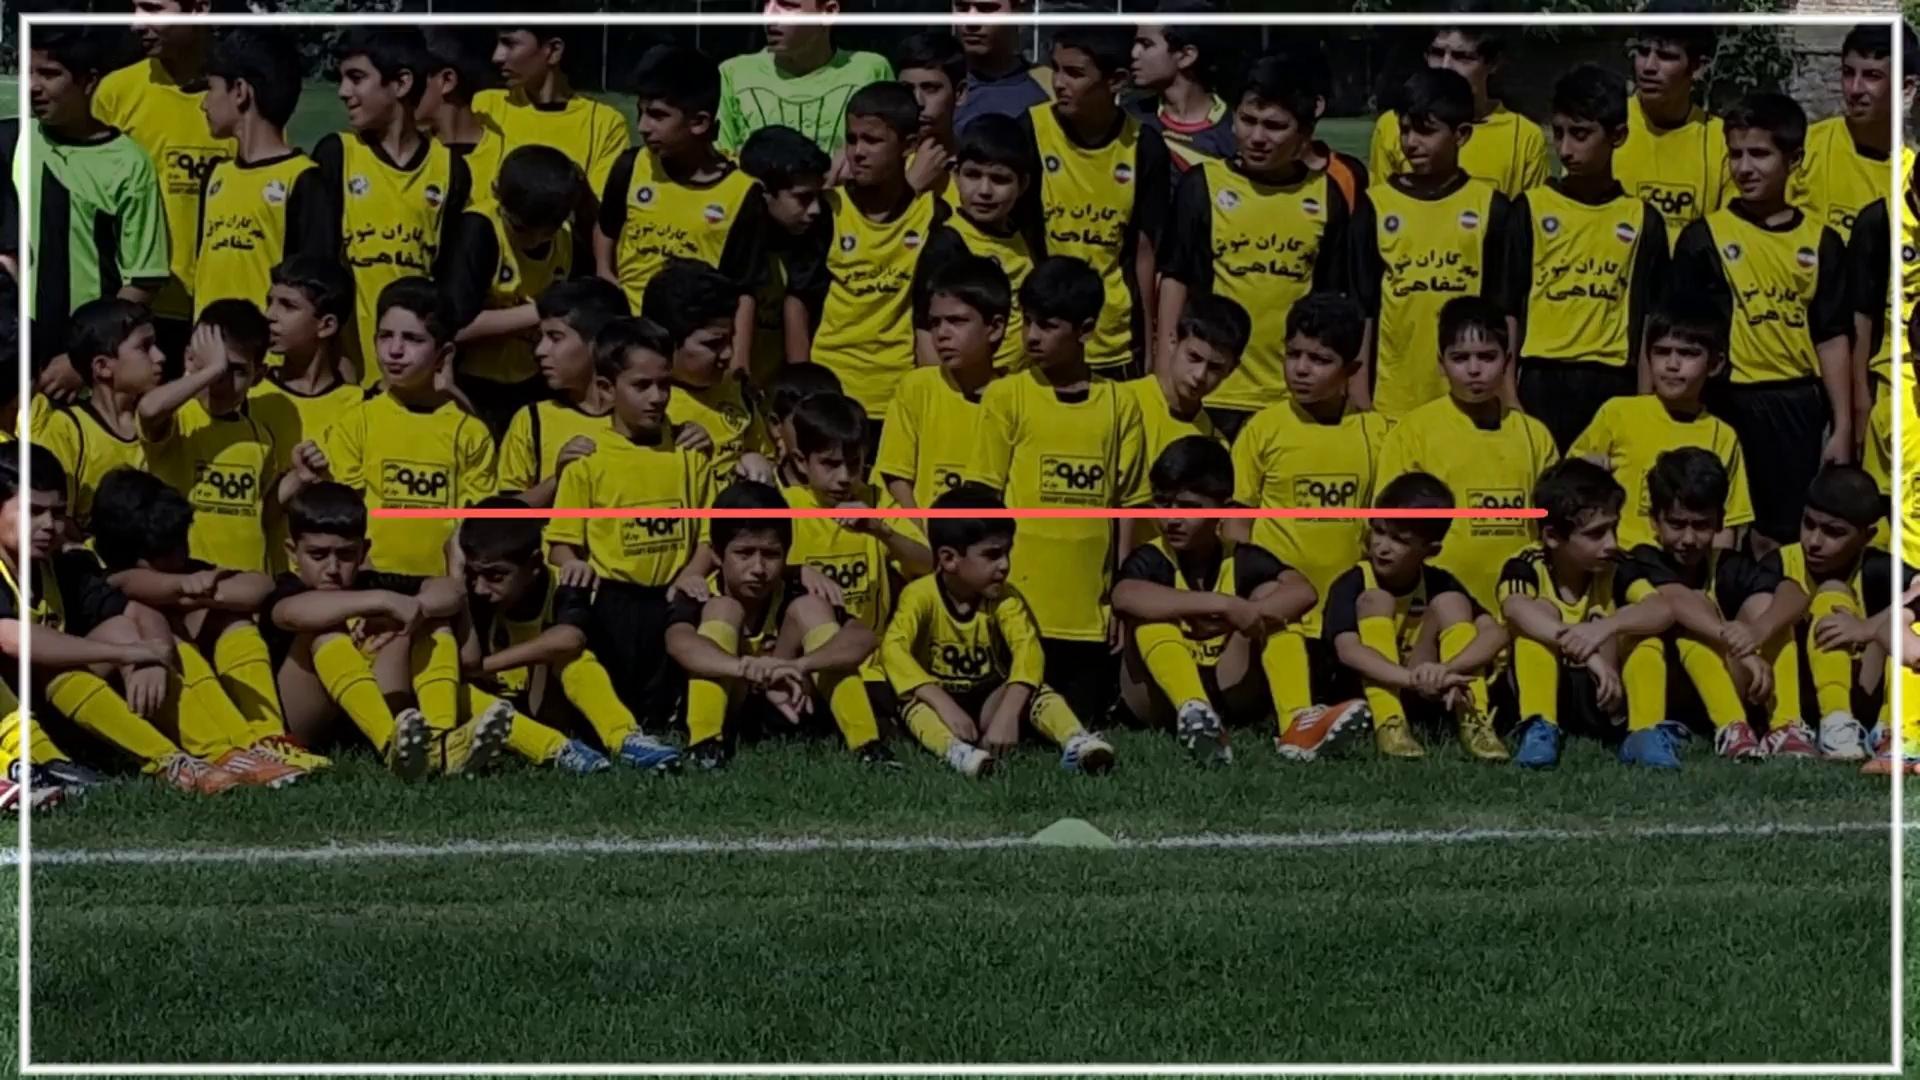 تمرین هماهنگی بدن در فوتبال